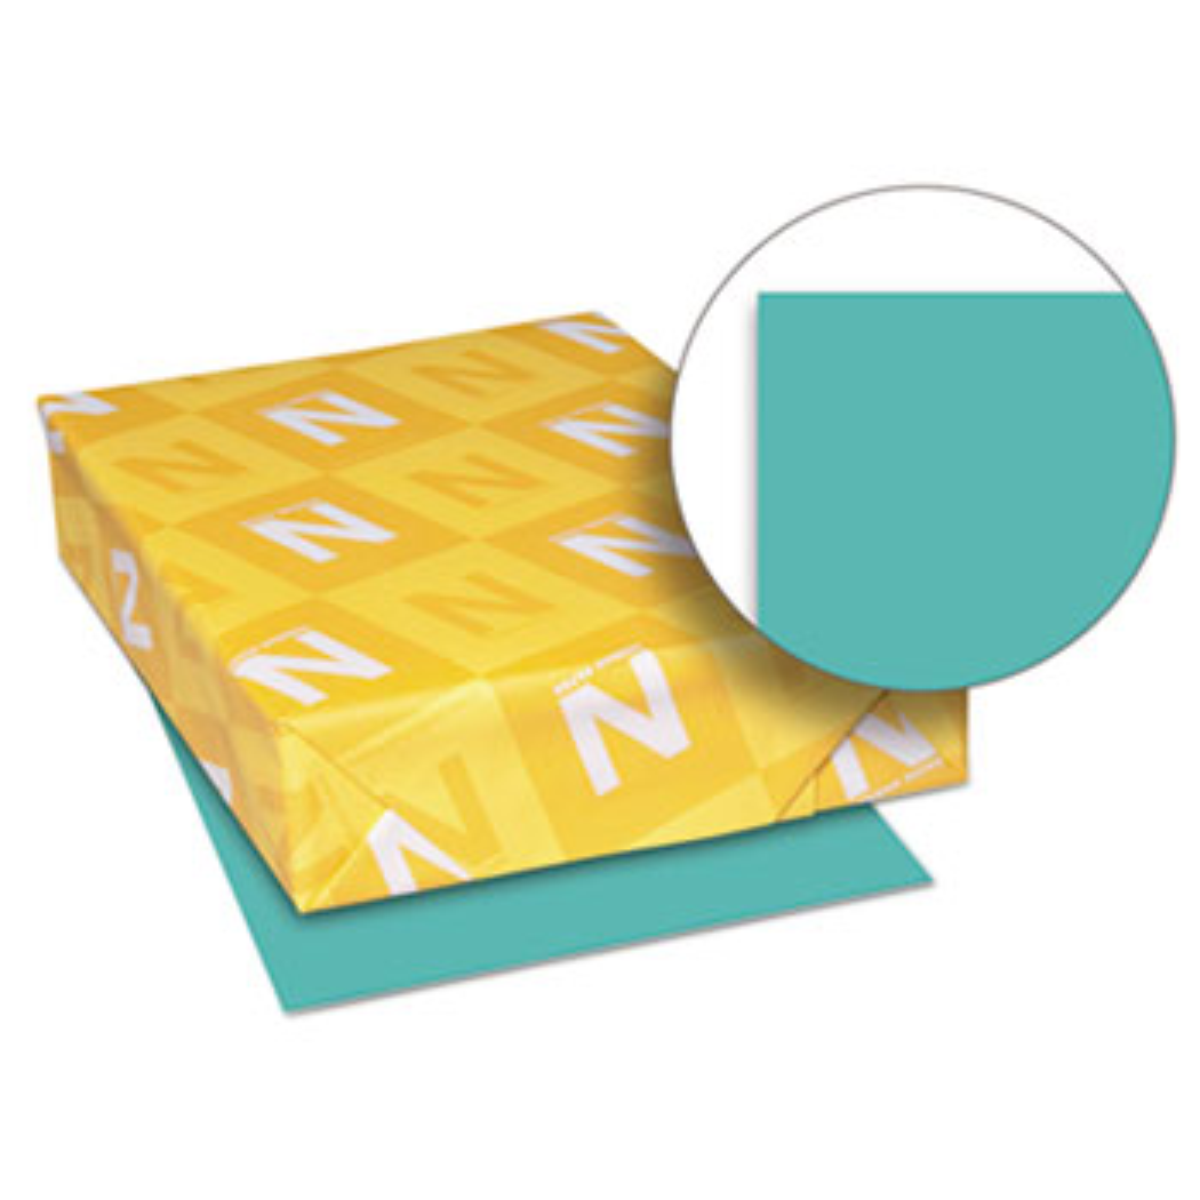 Exact Brights Paper, 8 1/2 x 11, Bright Aqua, 20lb, 500 Sheets